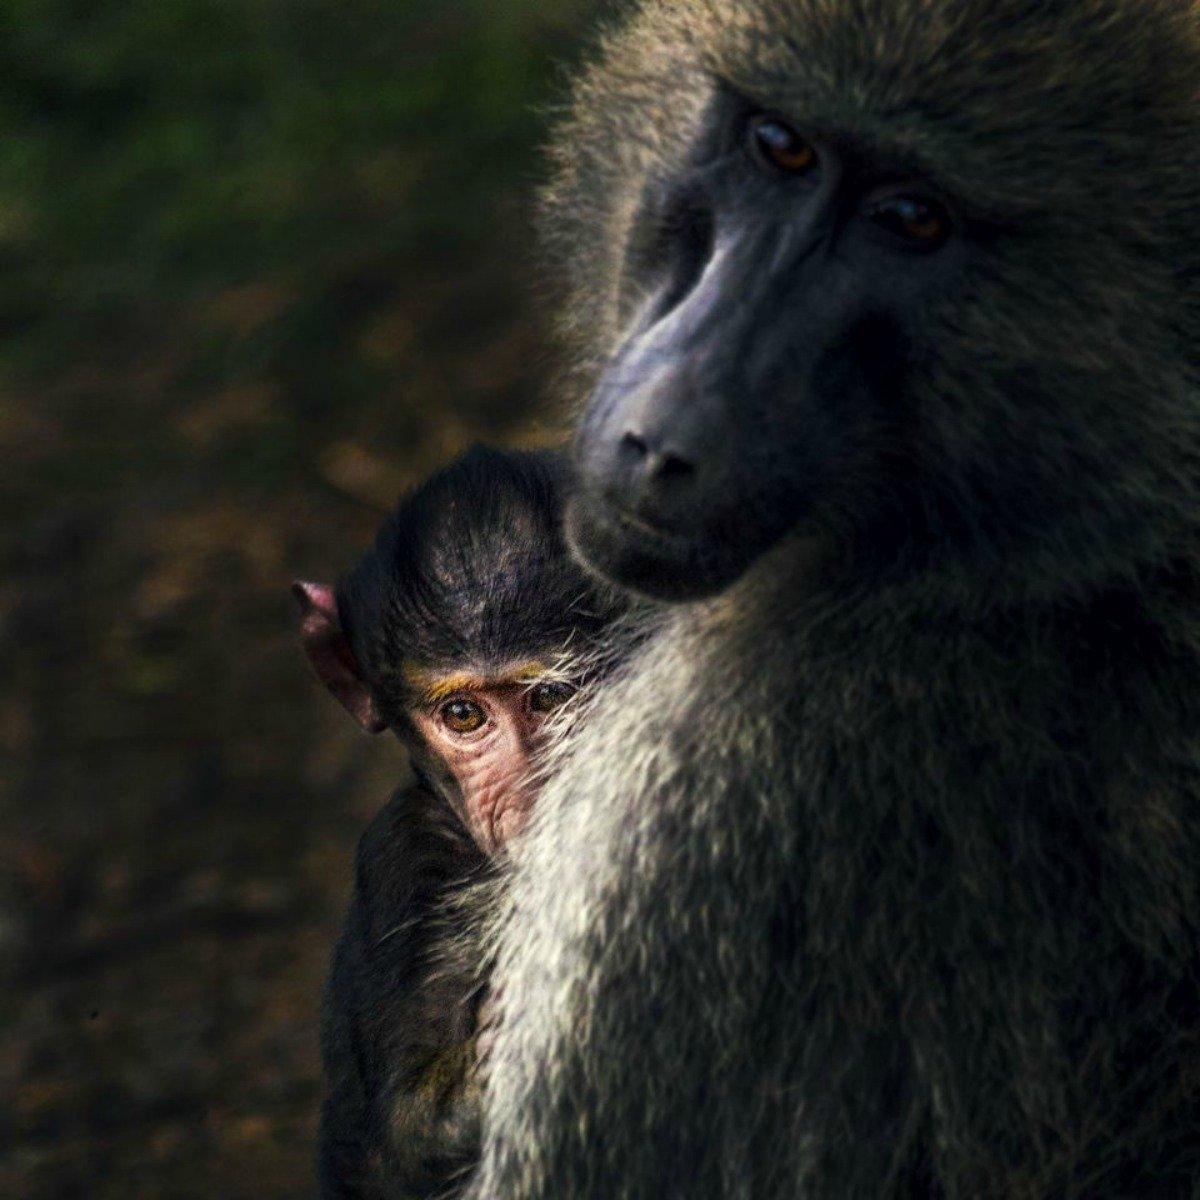 surprisinglives.net/baboon-nakura-rift-valley-kenya-1200-1200/